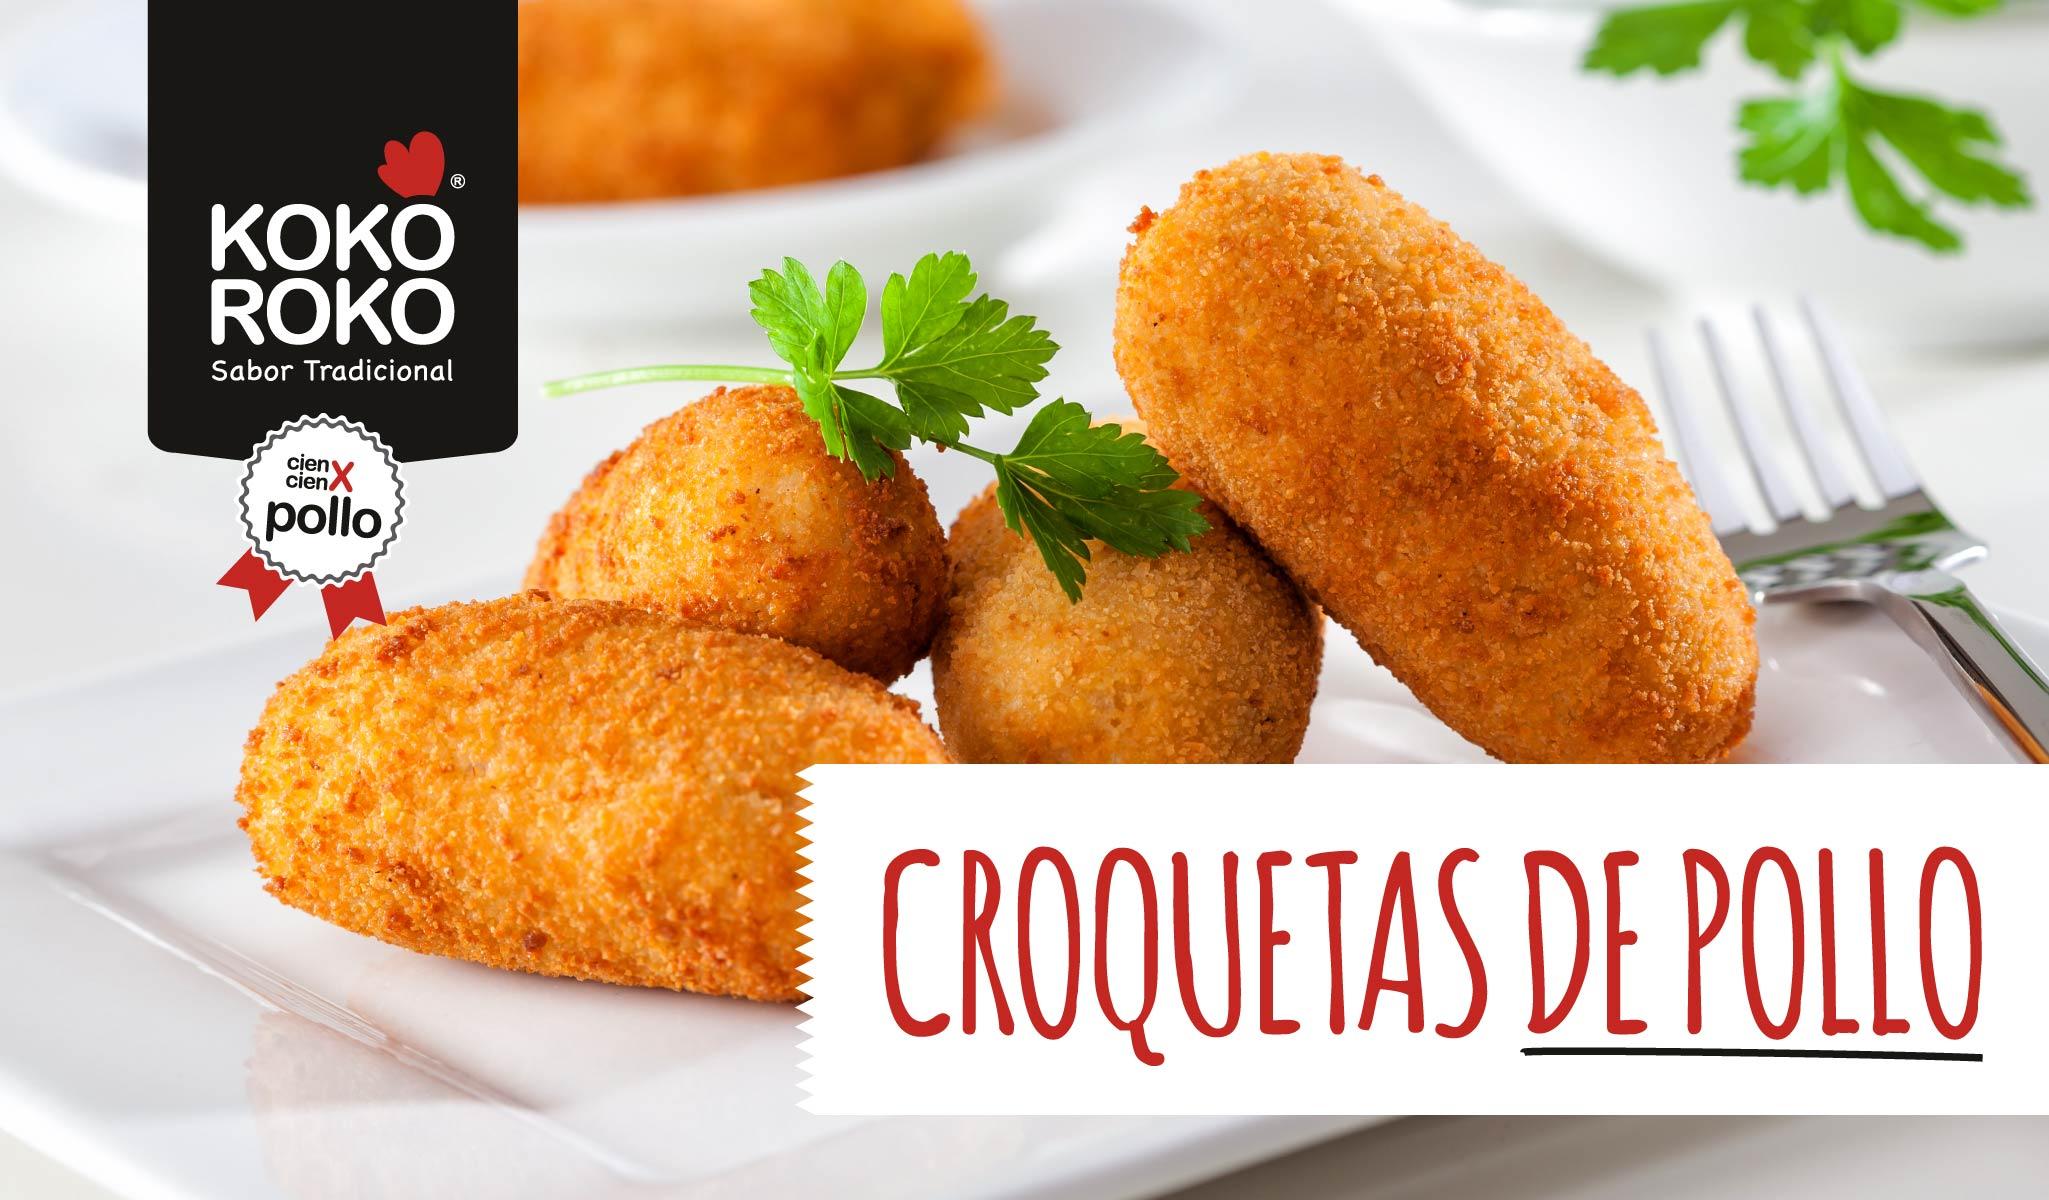 Croquetas de pollo asado y huevo cocido